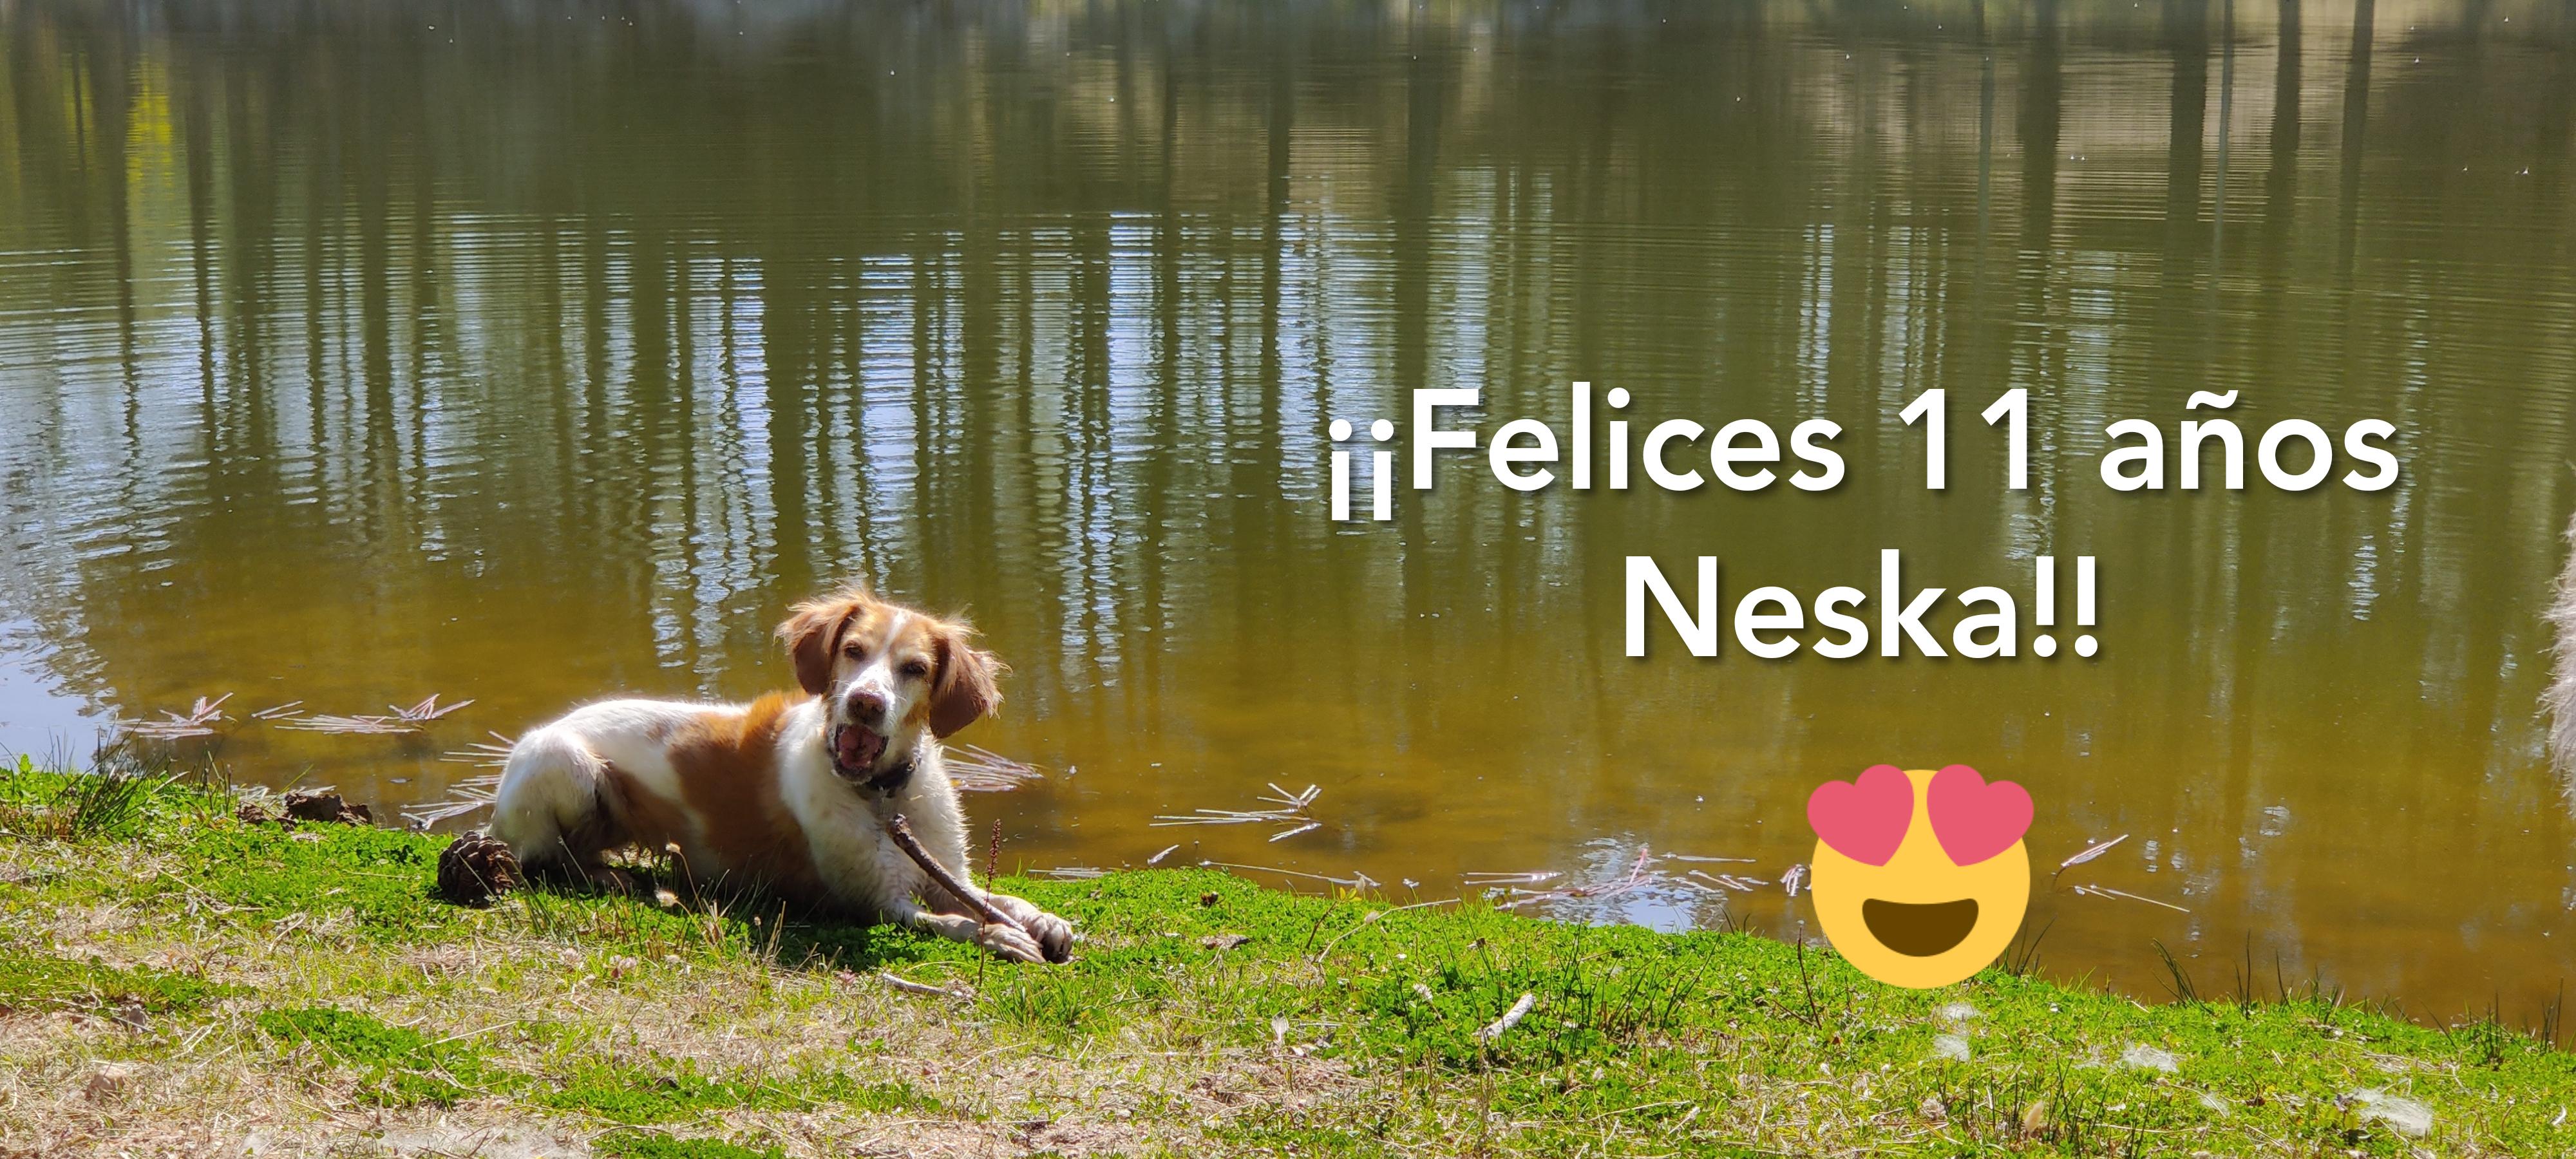 ¡¡Felices 11 años, Neska!!